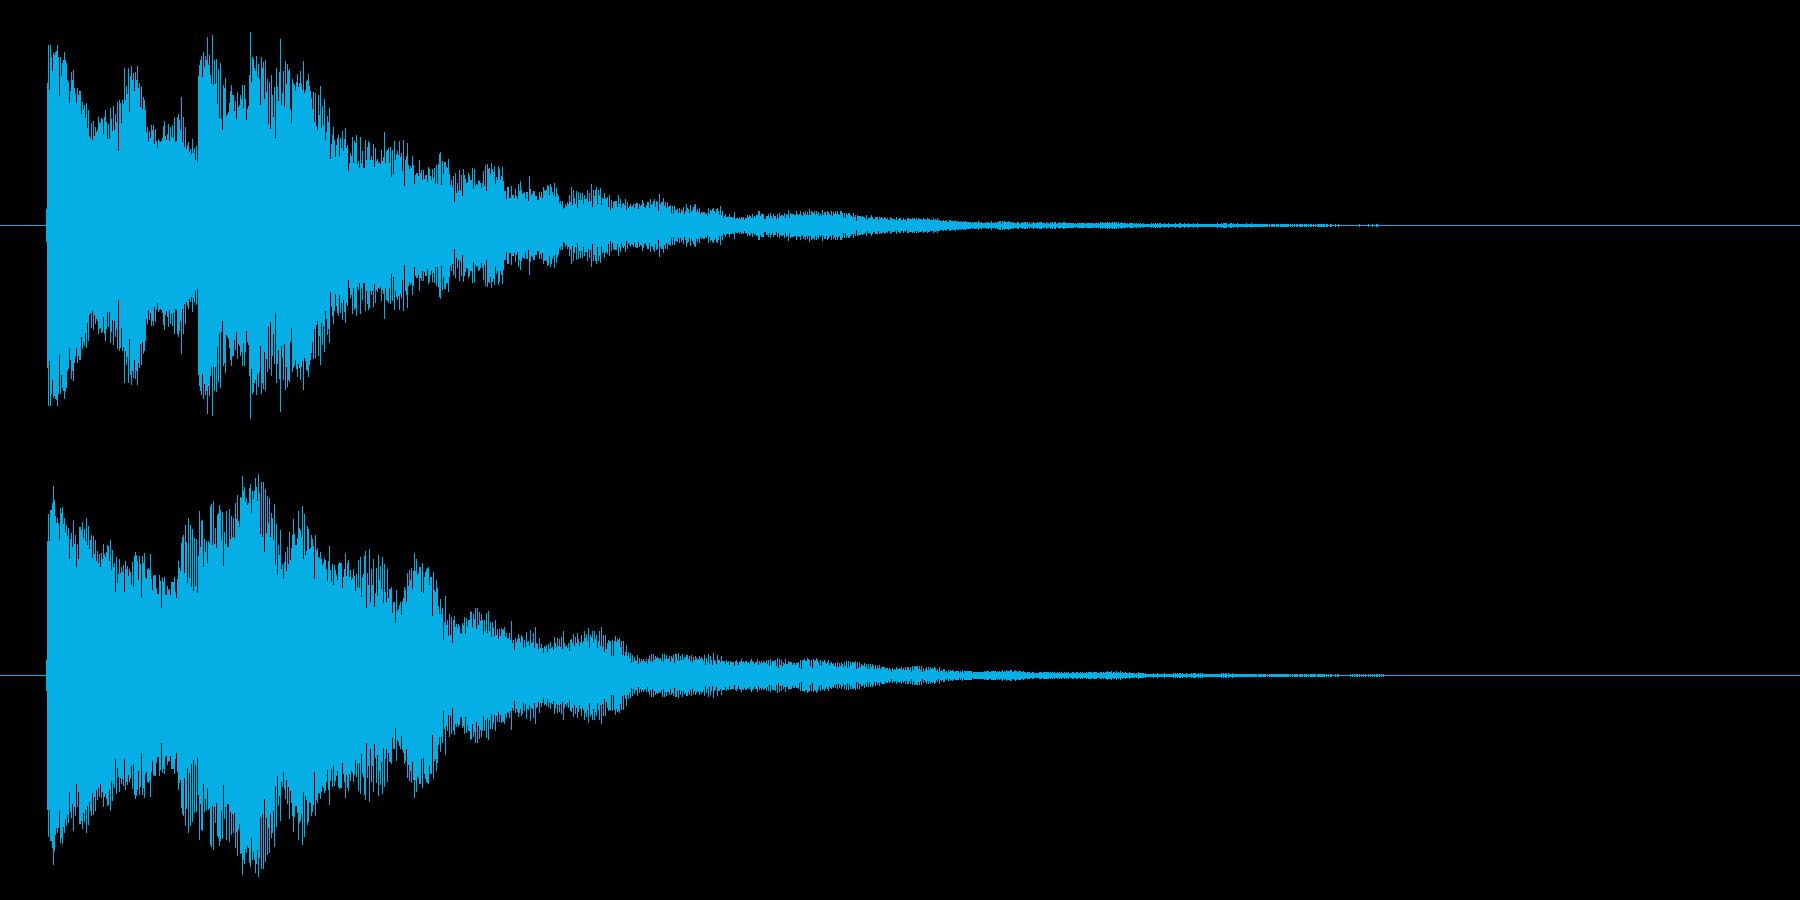 レベルアップ/宇宙/シューティング系の再生済みの波形